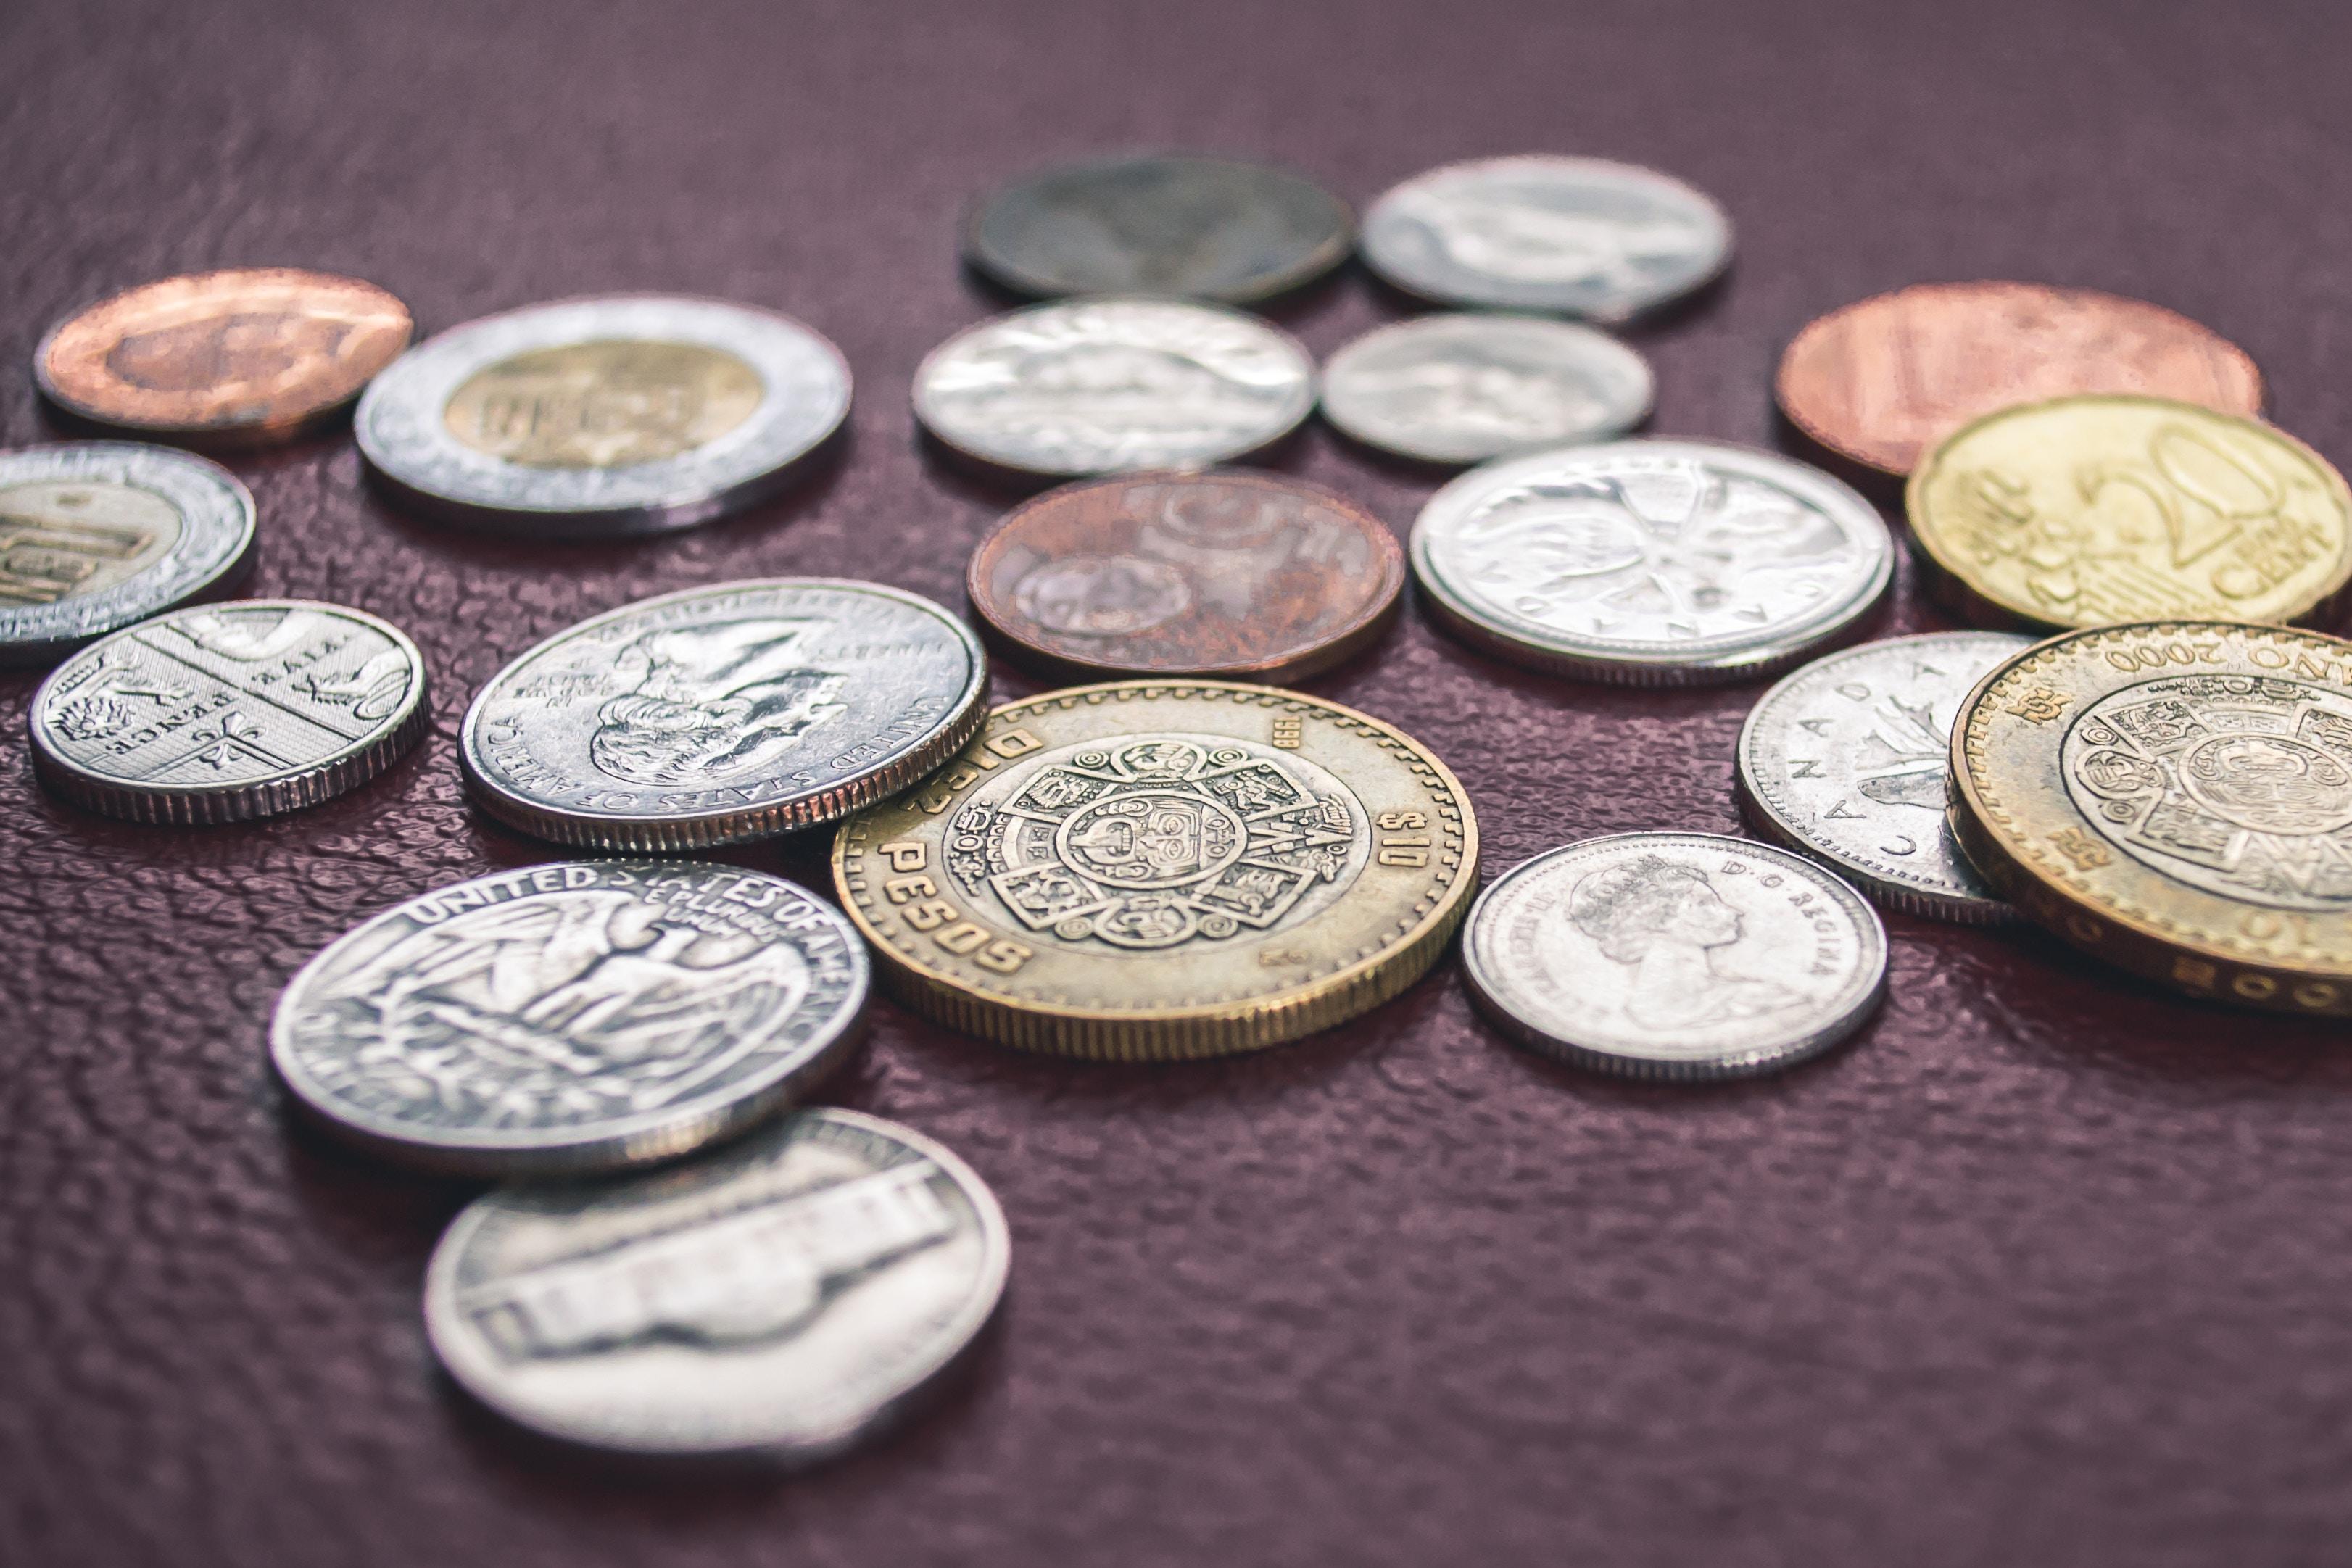 El USMCA presenta nuevas reglas sobre manipulación de divisas